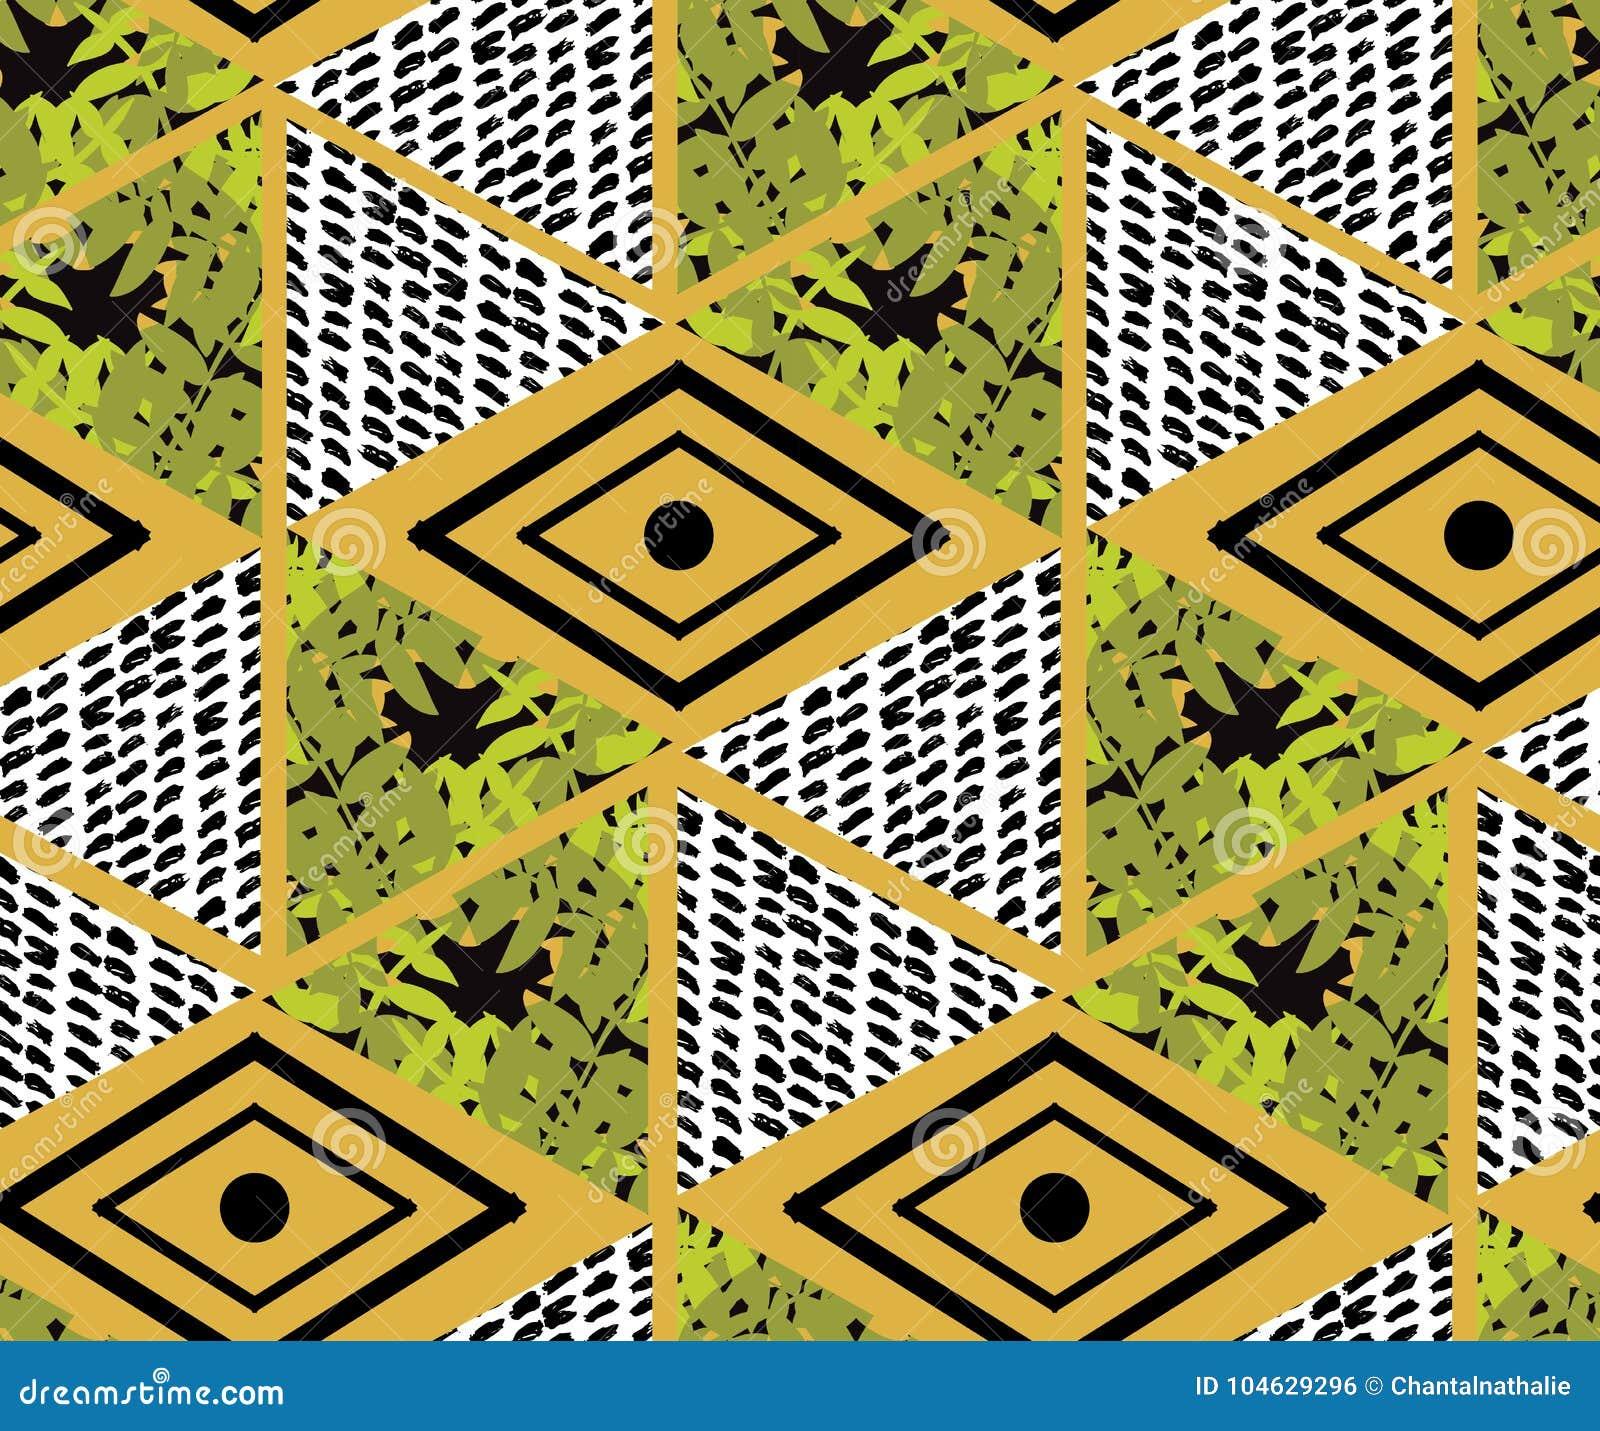 Download Abstract Naadloos Patroon vector illustratie. Illustratie bestaande uit patroon - 104629296